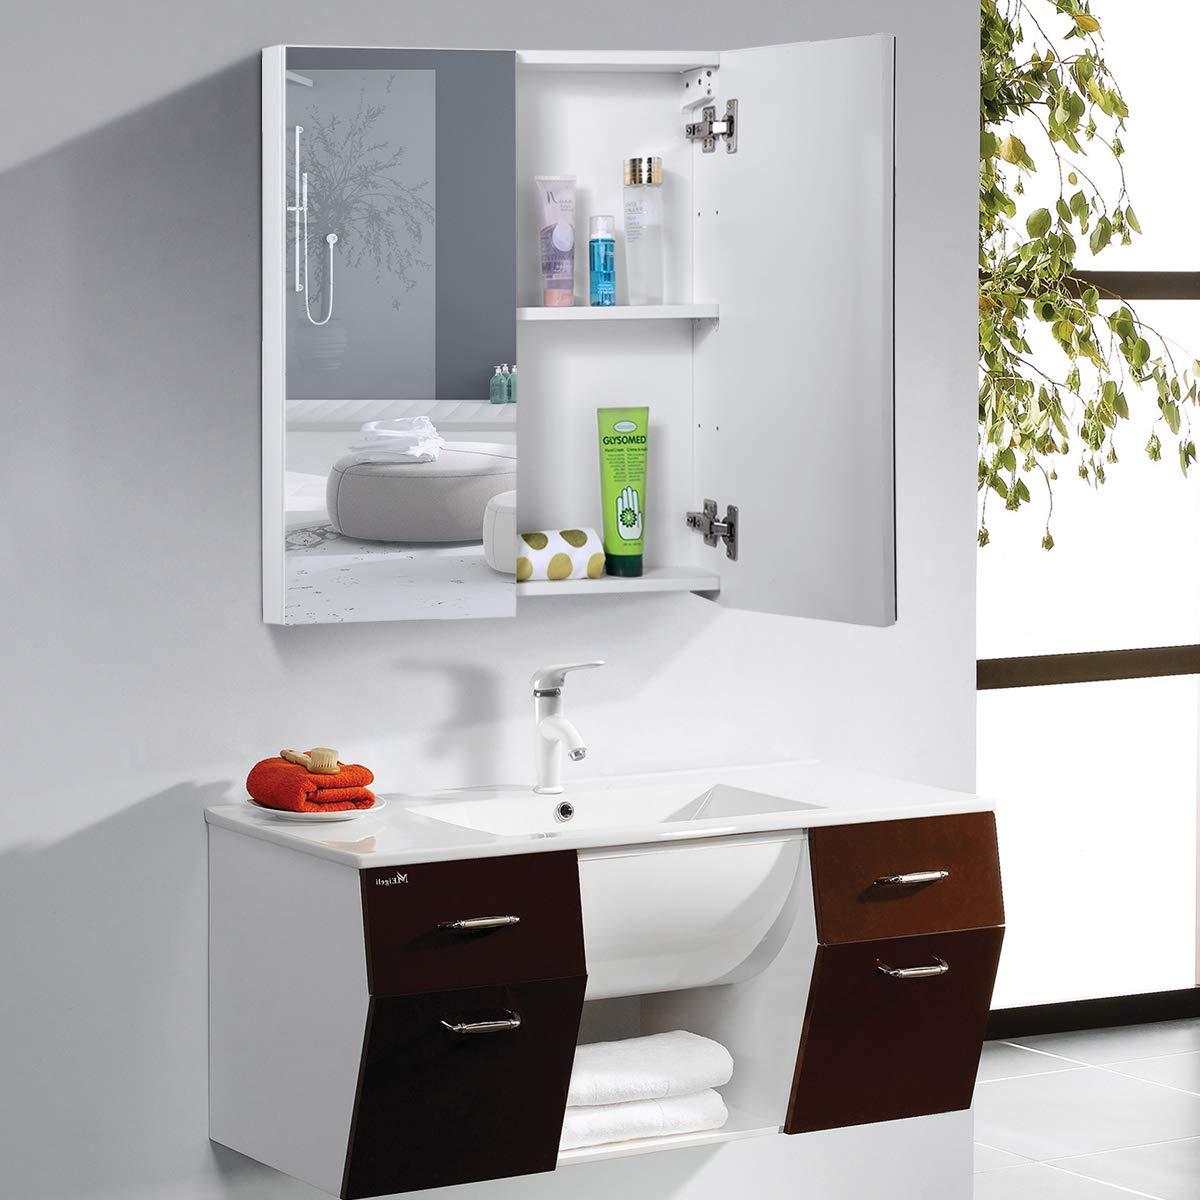 COSTWAY Spiegelschrank Badezimmer Badezimmerspiegelschrank